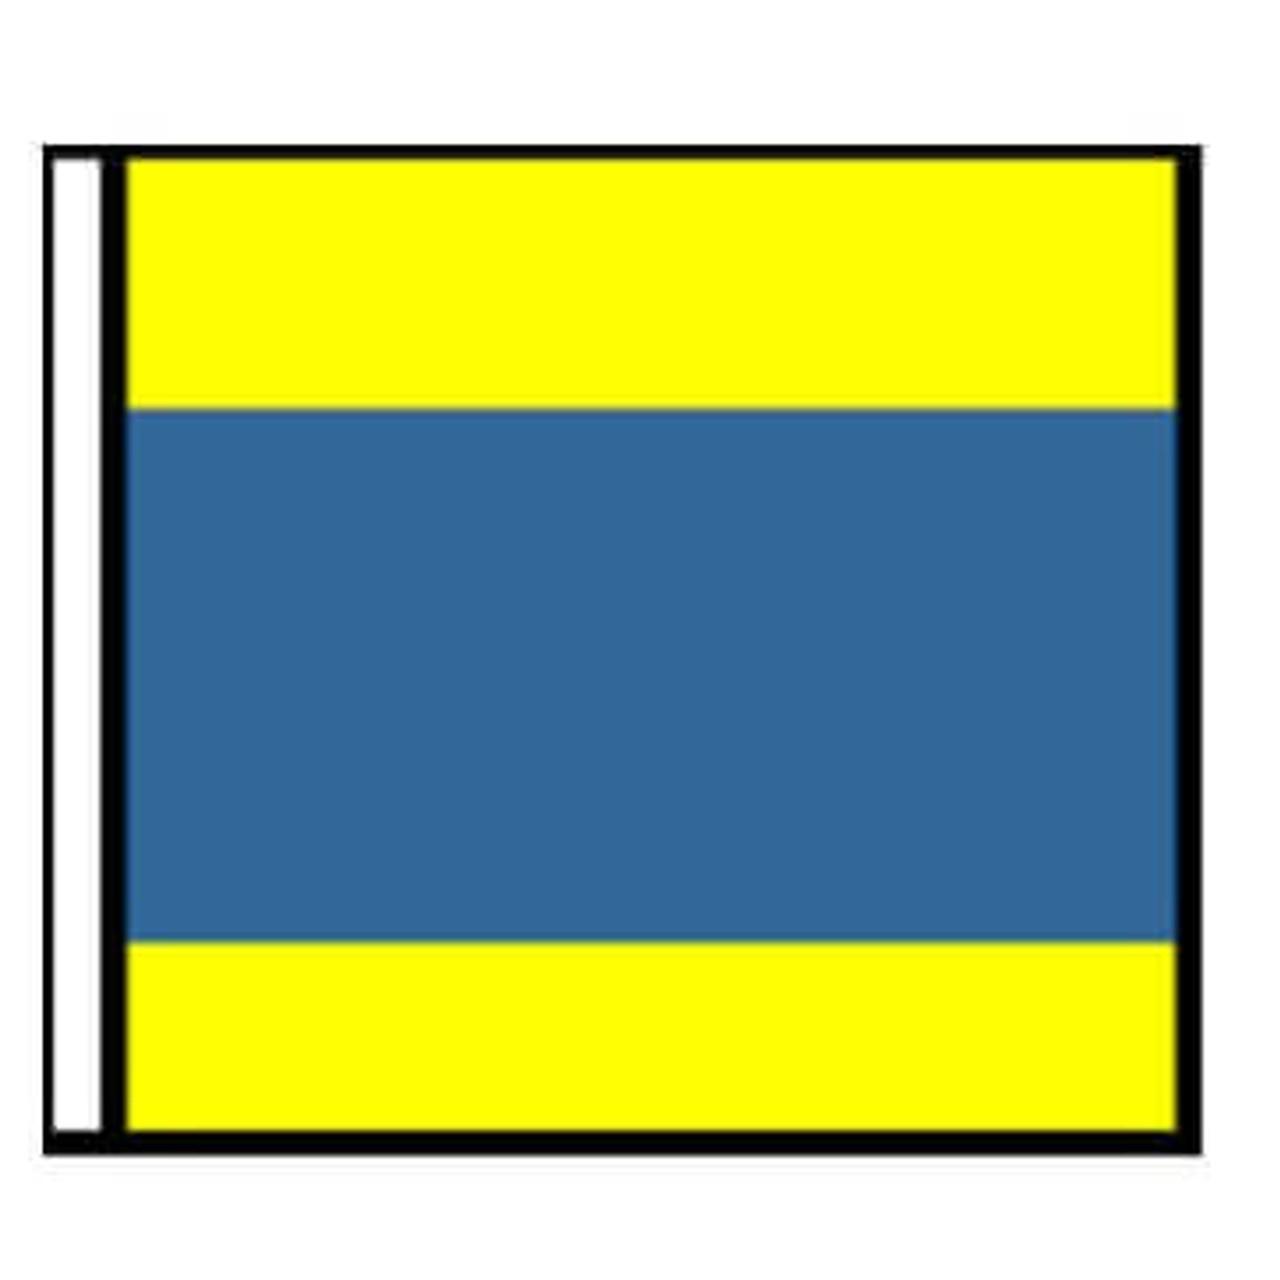 Delta Keep Clear Flag